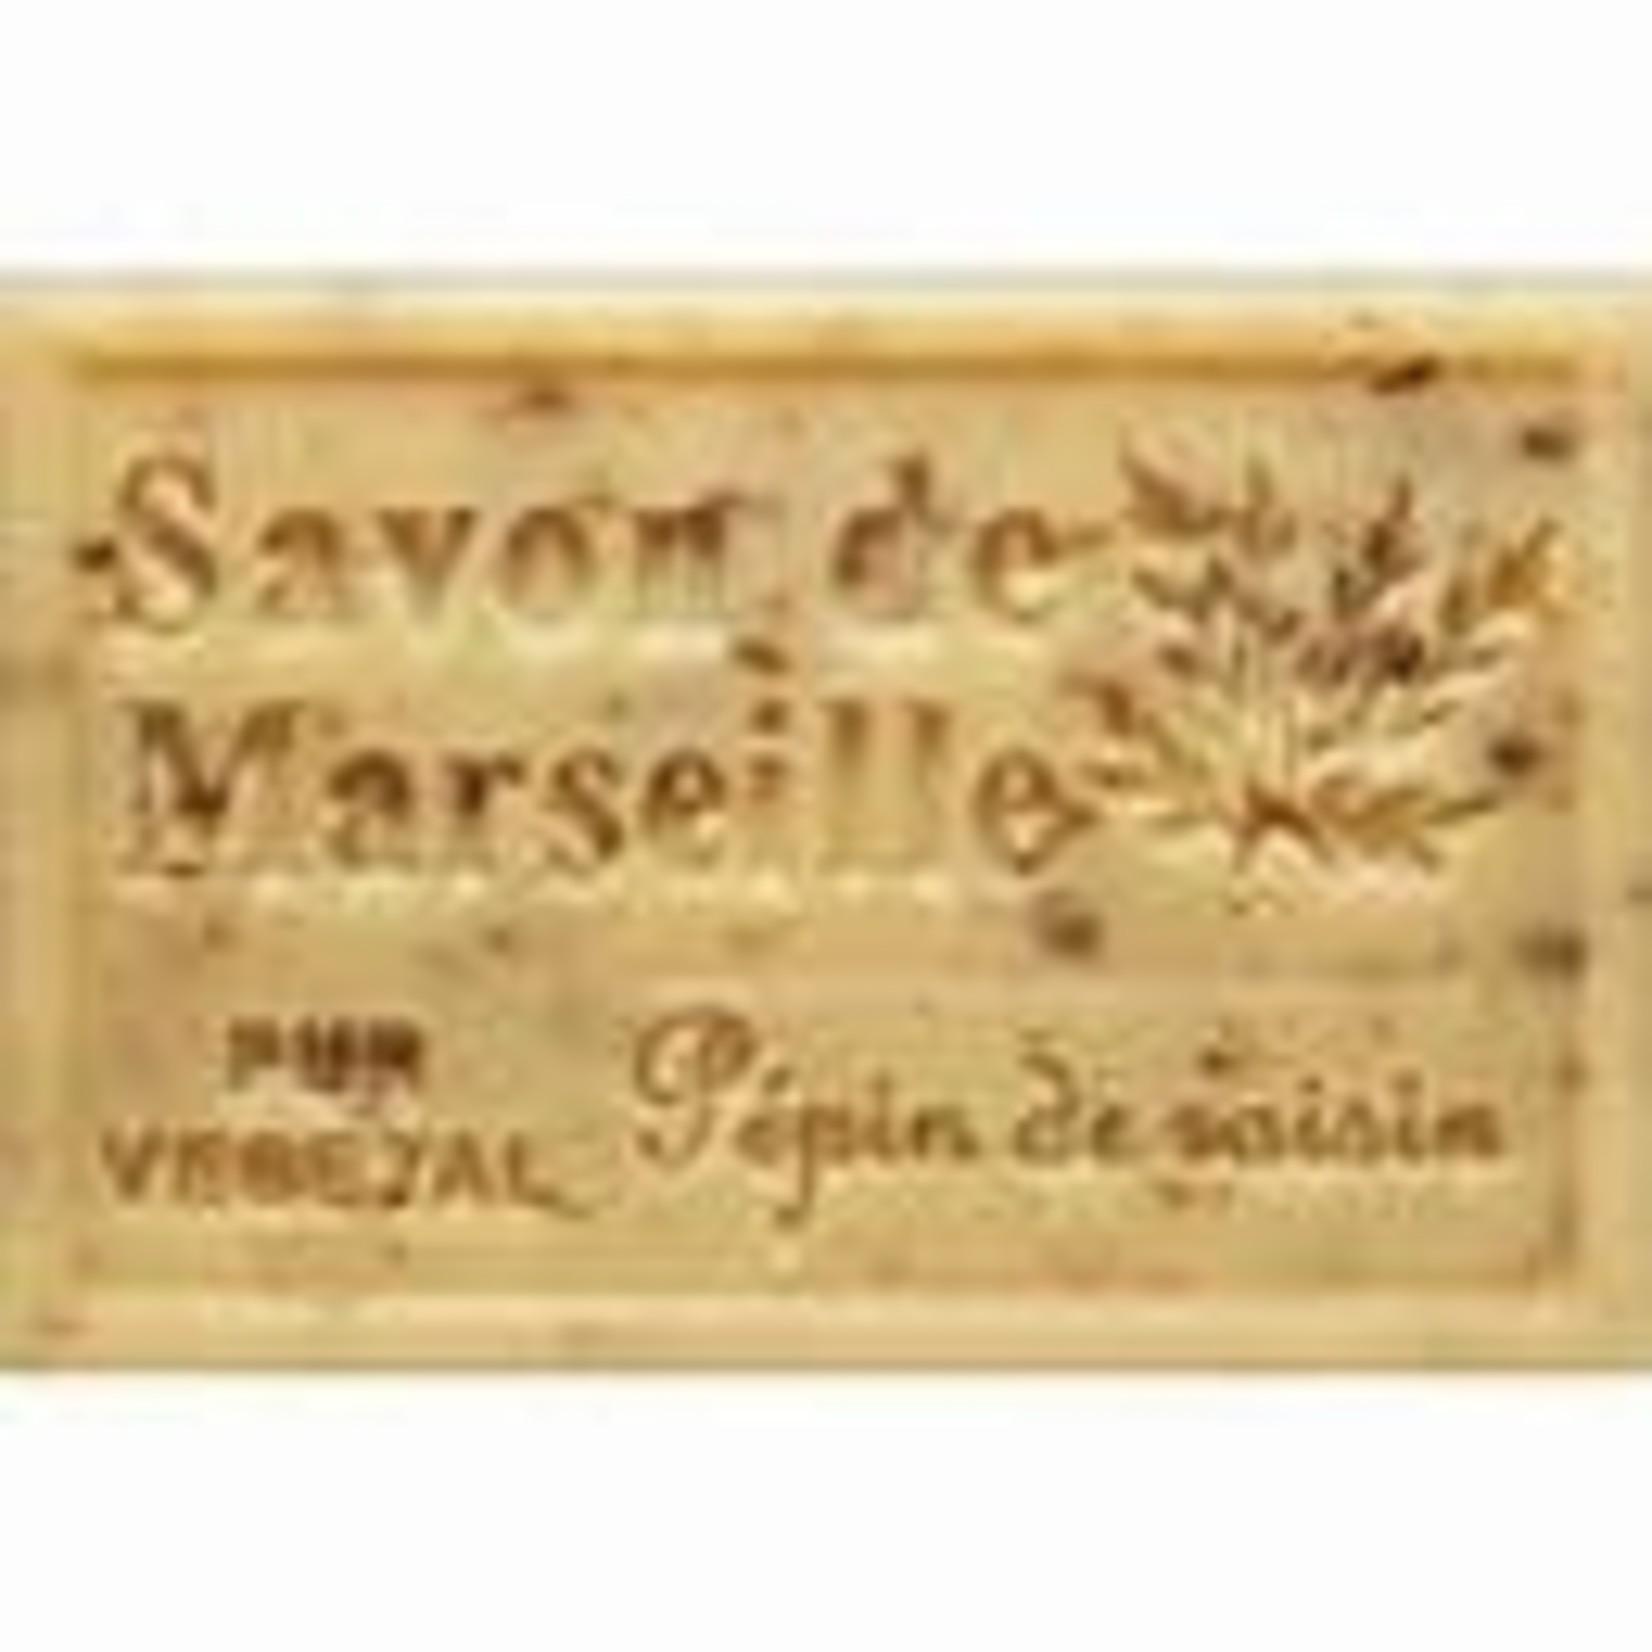 Marseille Soap Company Grape Seed | Savon de Marseille | French Soap 4.37 Oz